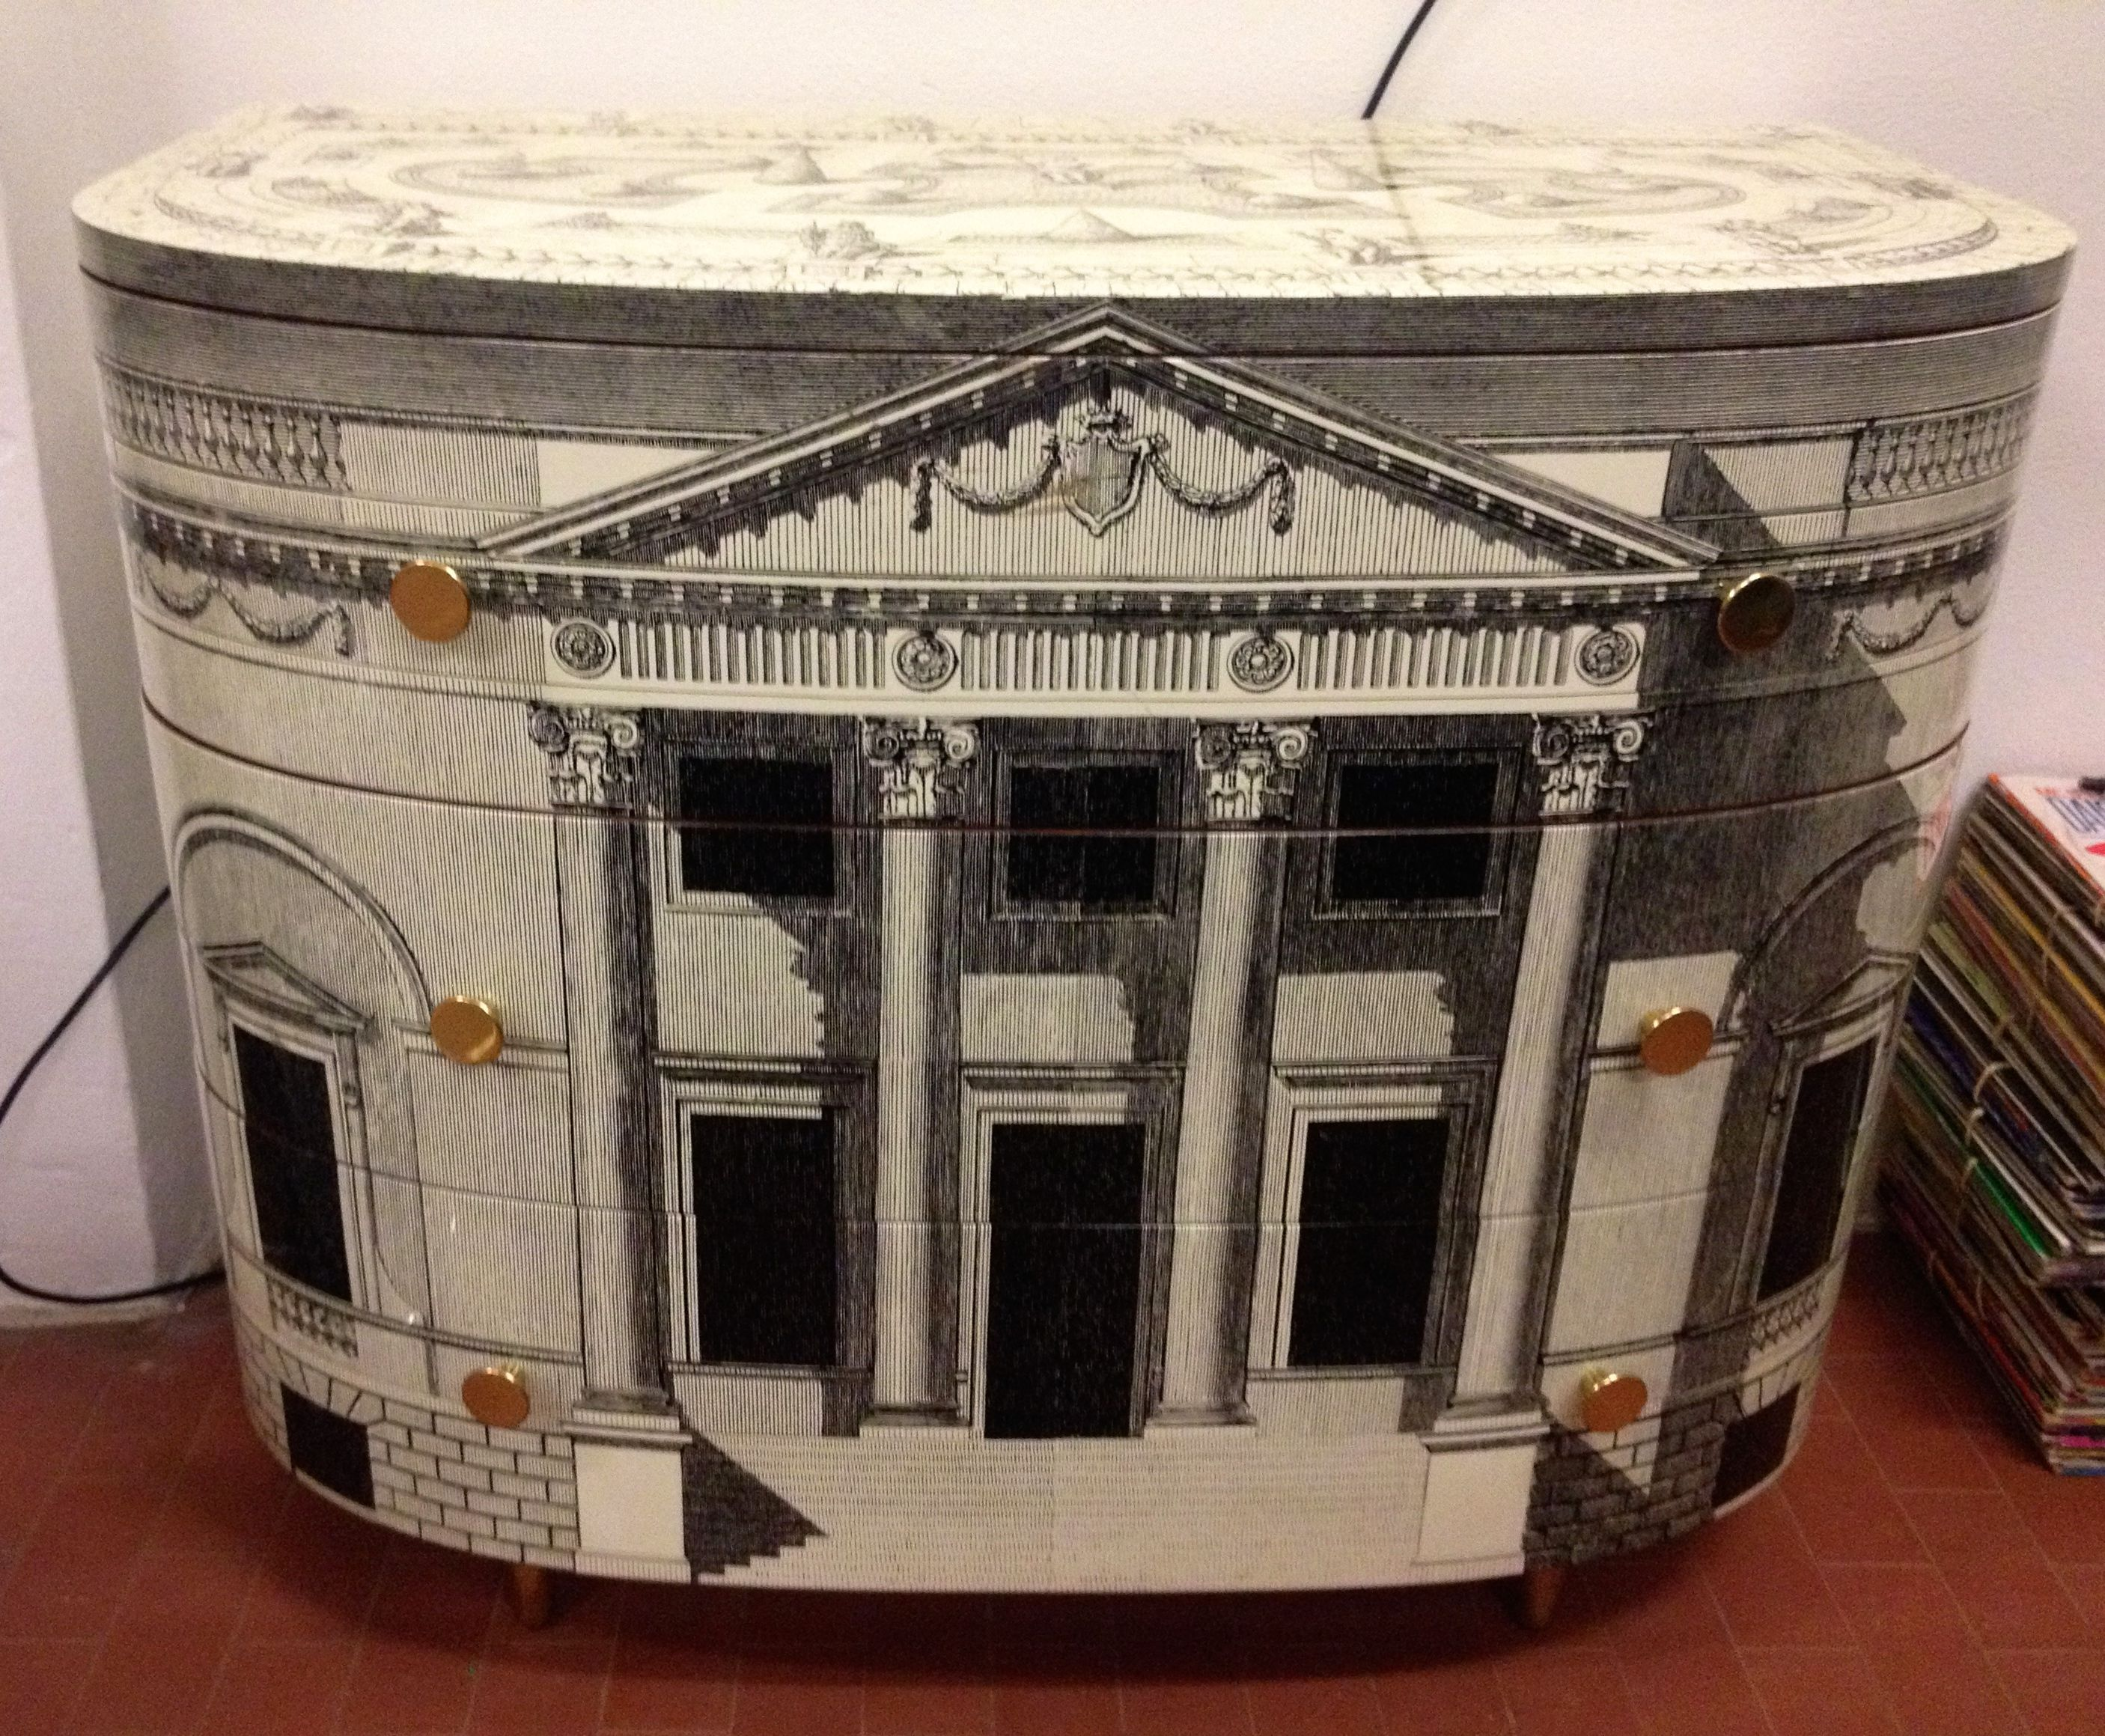 Cassettiera fornasetti collezione mobili pinterest - Fornasetti mobili ...